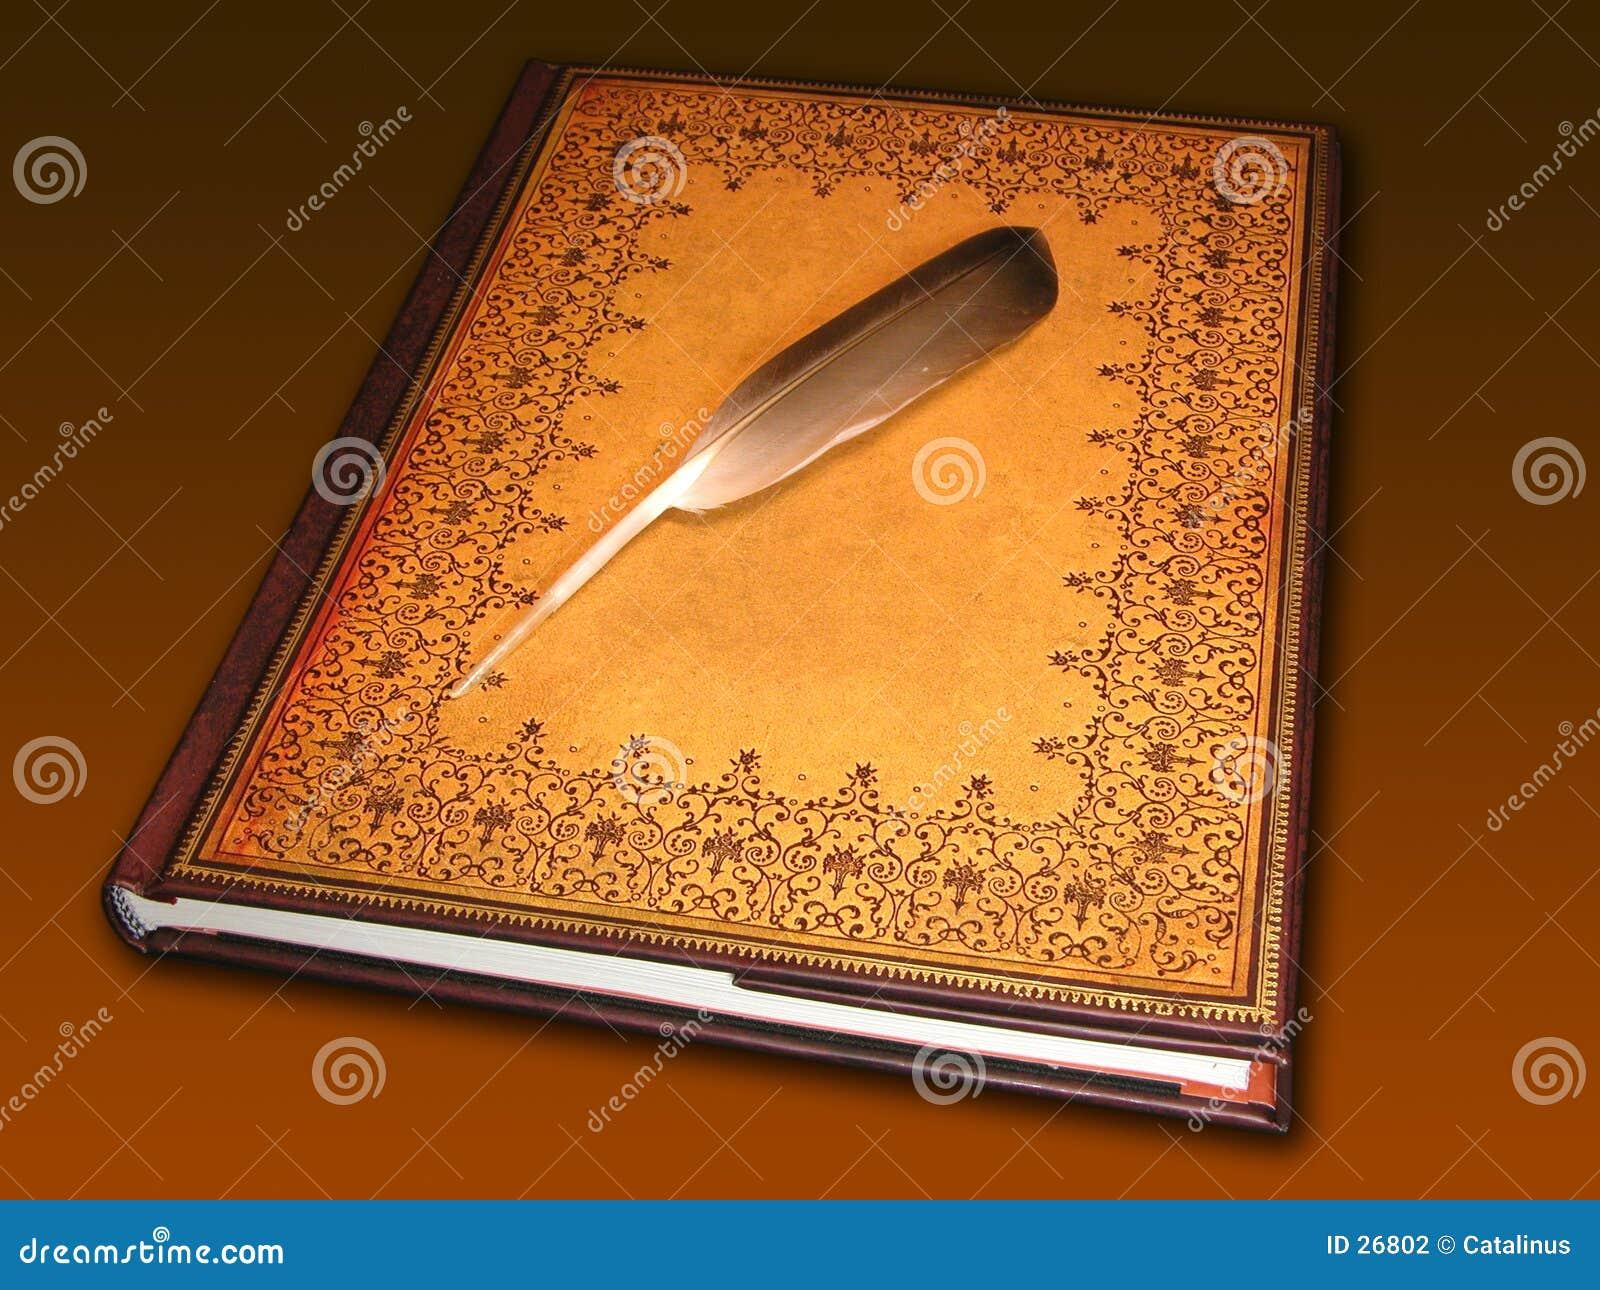 Download Libro Que Sostiene Una Pluma Foto de archivo - Imagen de holding, objetos: 26802